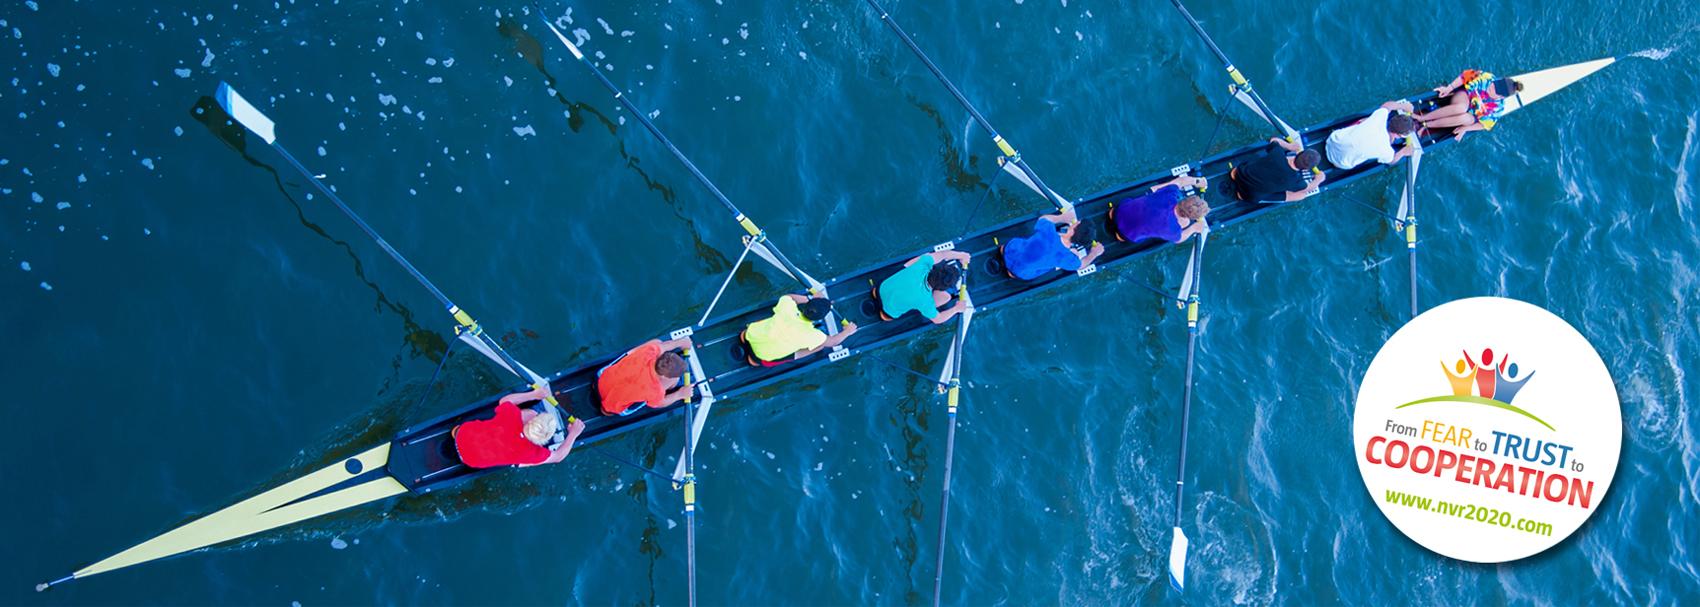 Ruderboot / © fotolia.com/renaschild